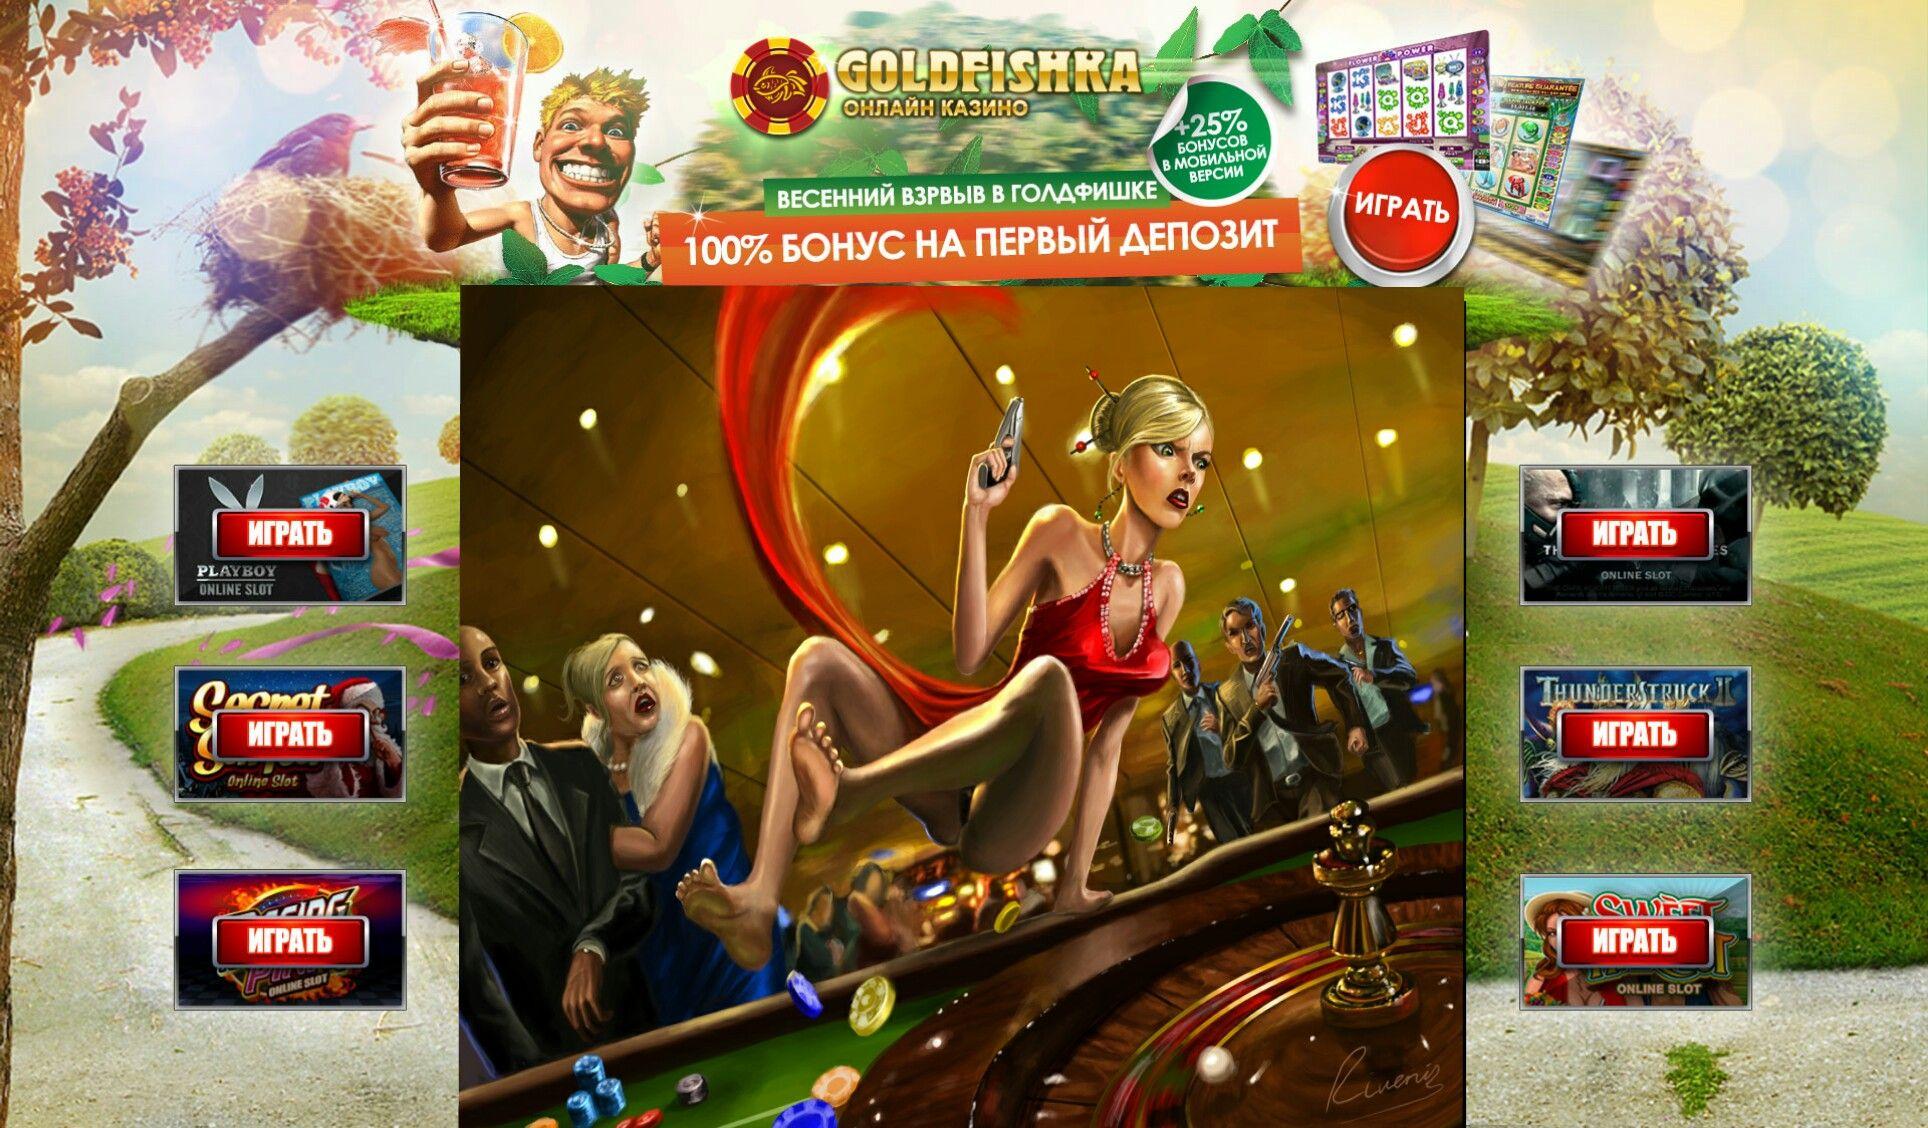 официальный сайт goldfishka бонус за регистрацию